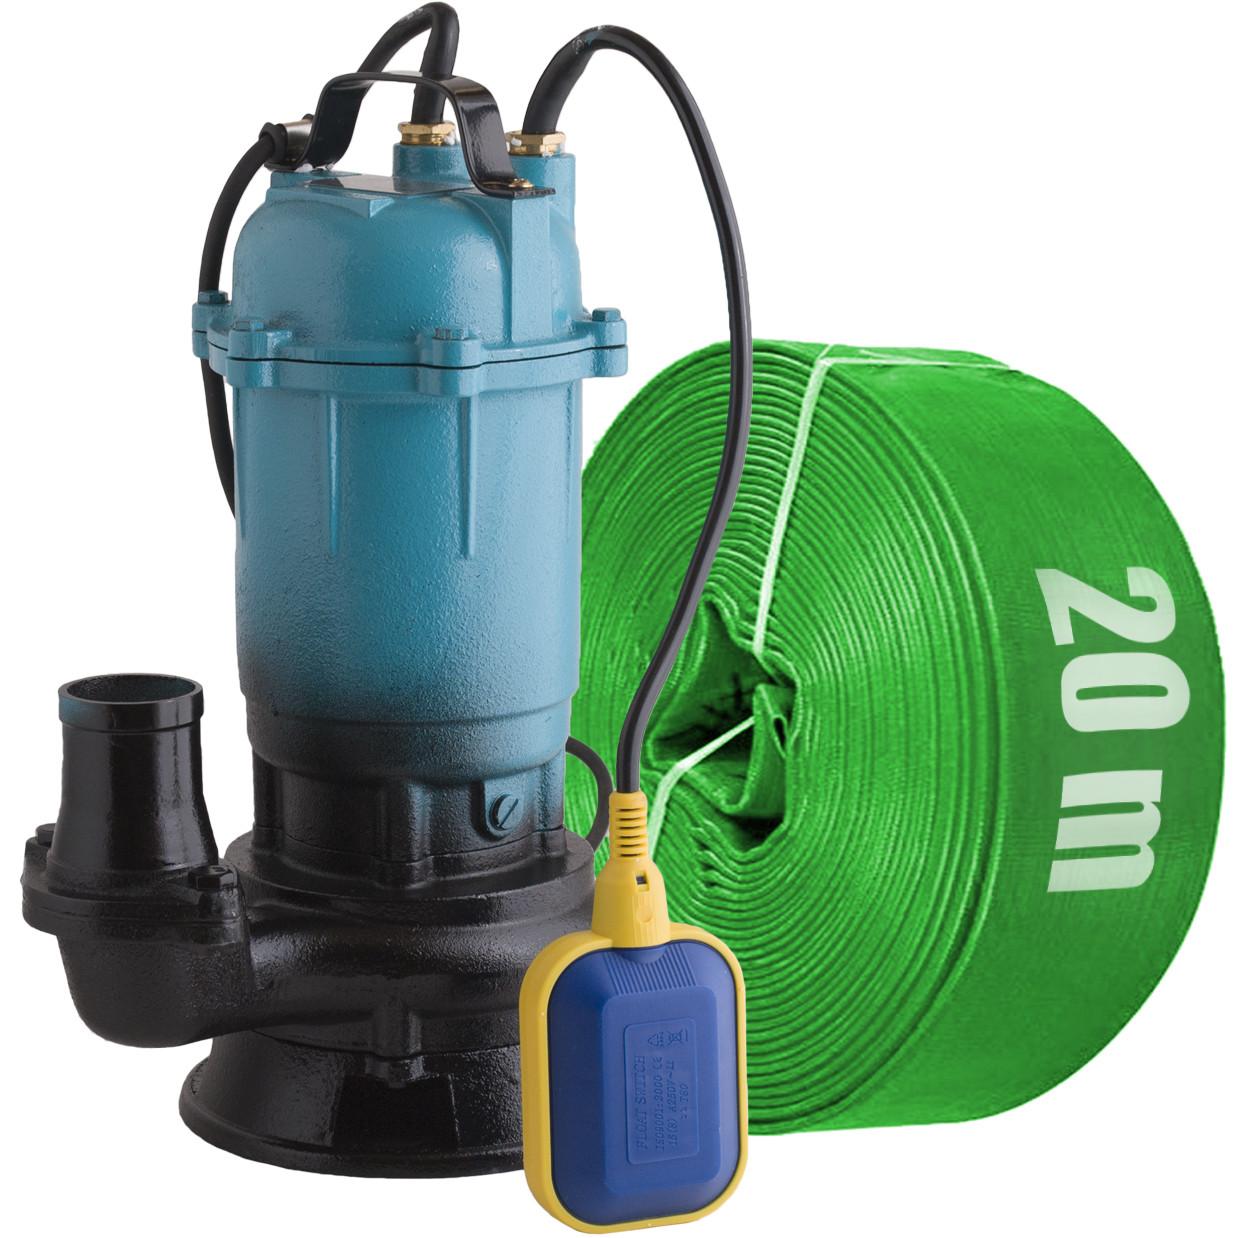 Delta / Фекальный насос с измельчителем + шланг 20м зеленый DELTA WQD чугунный корпус